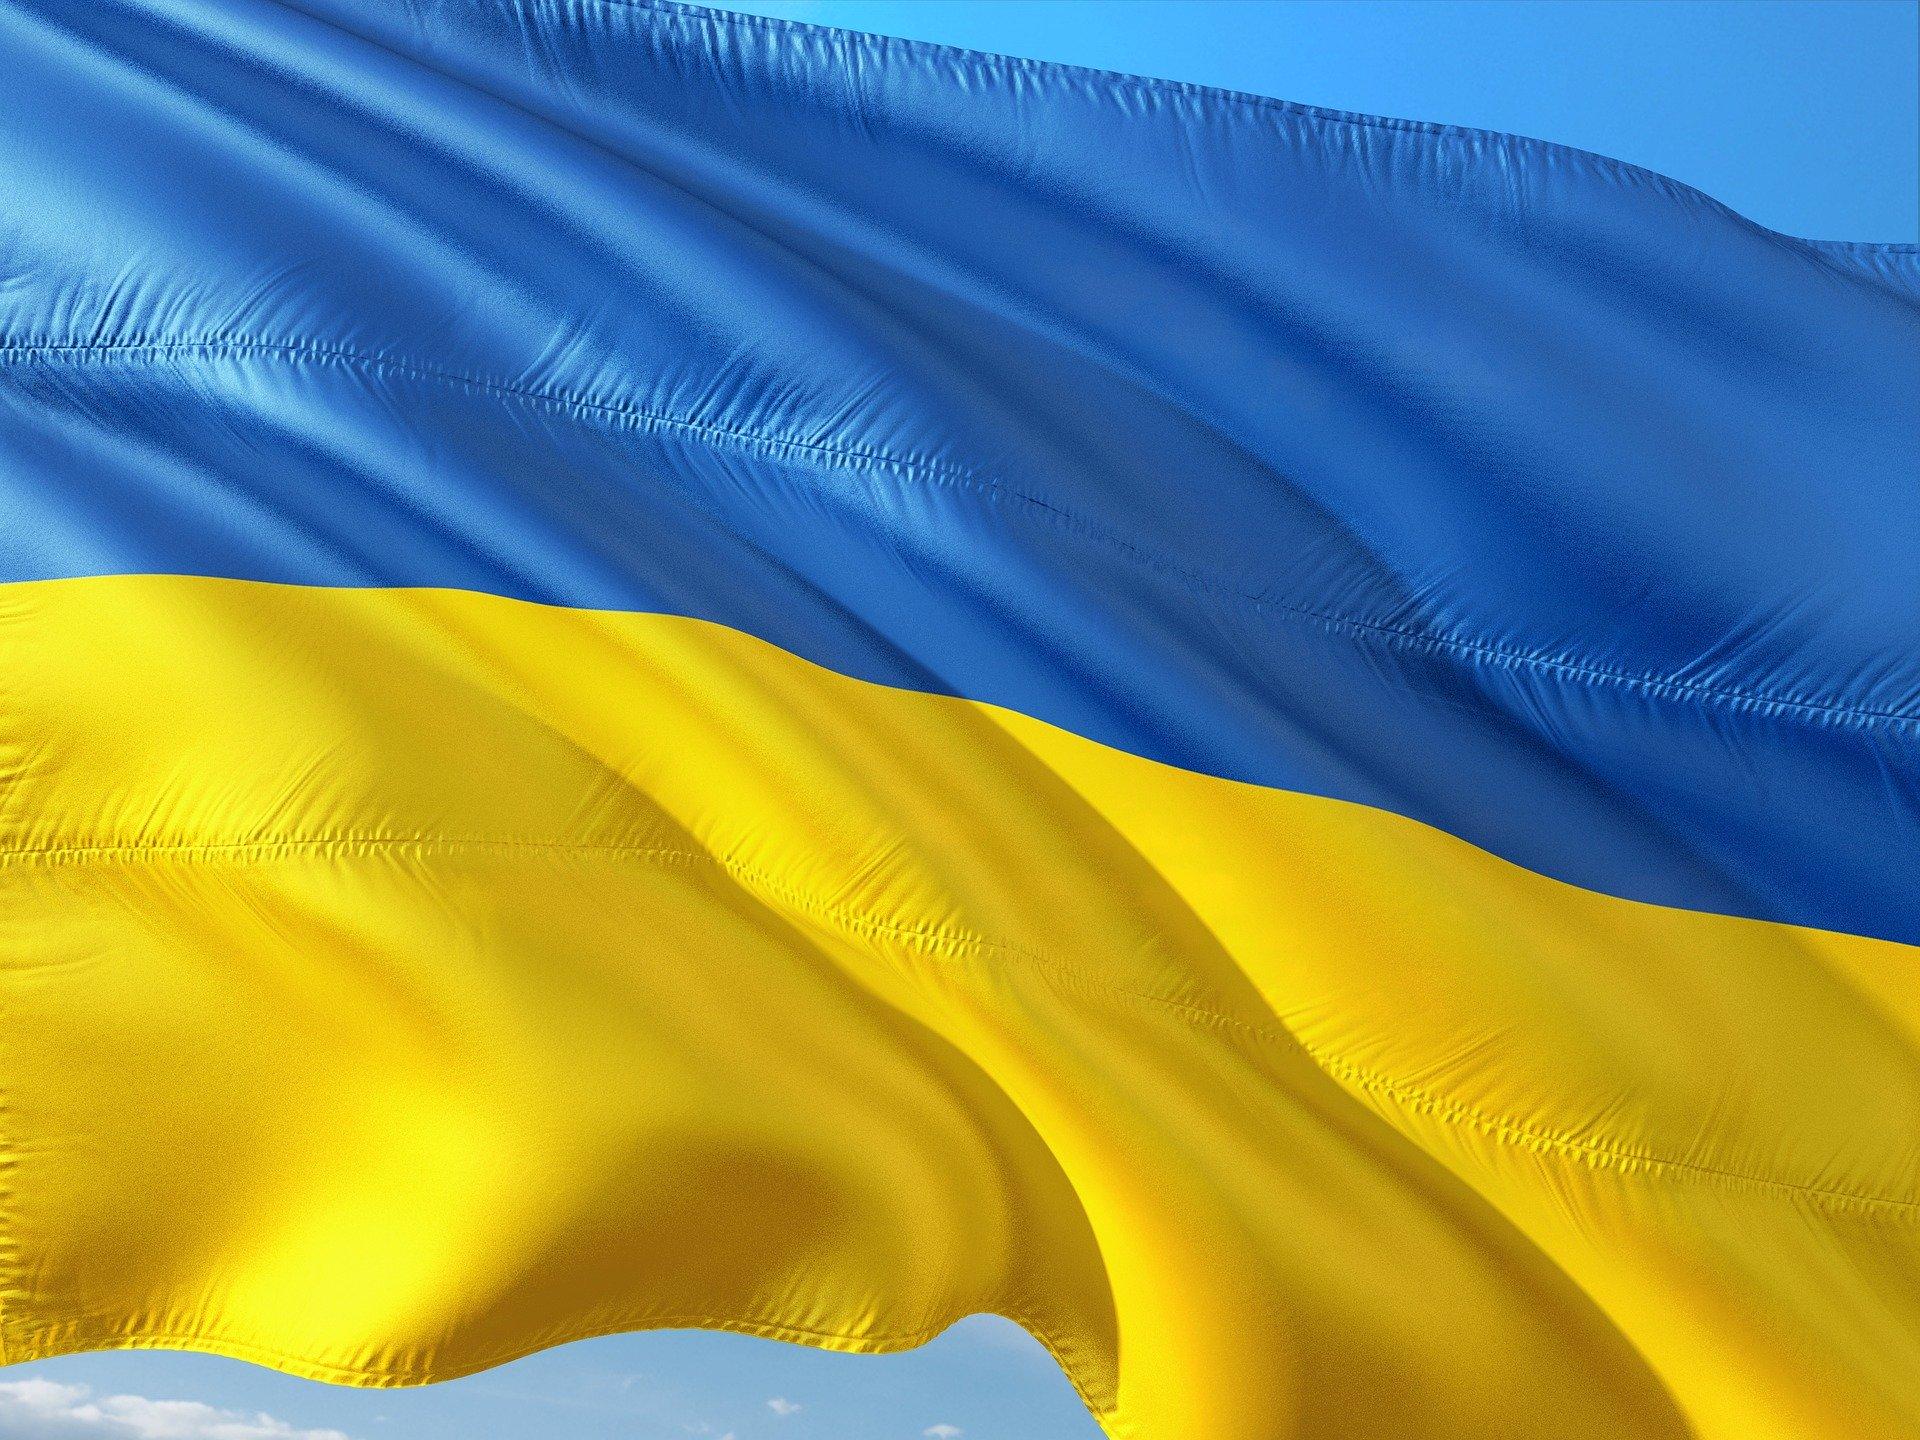 Jak zatrudnić pracownika z Ukrainy w Polsce?